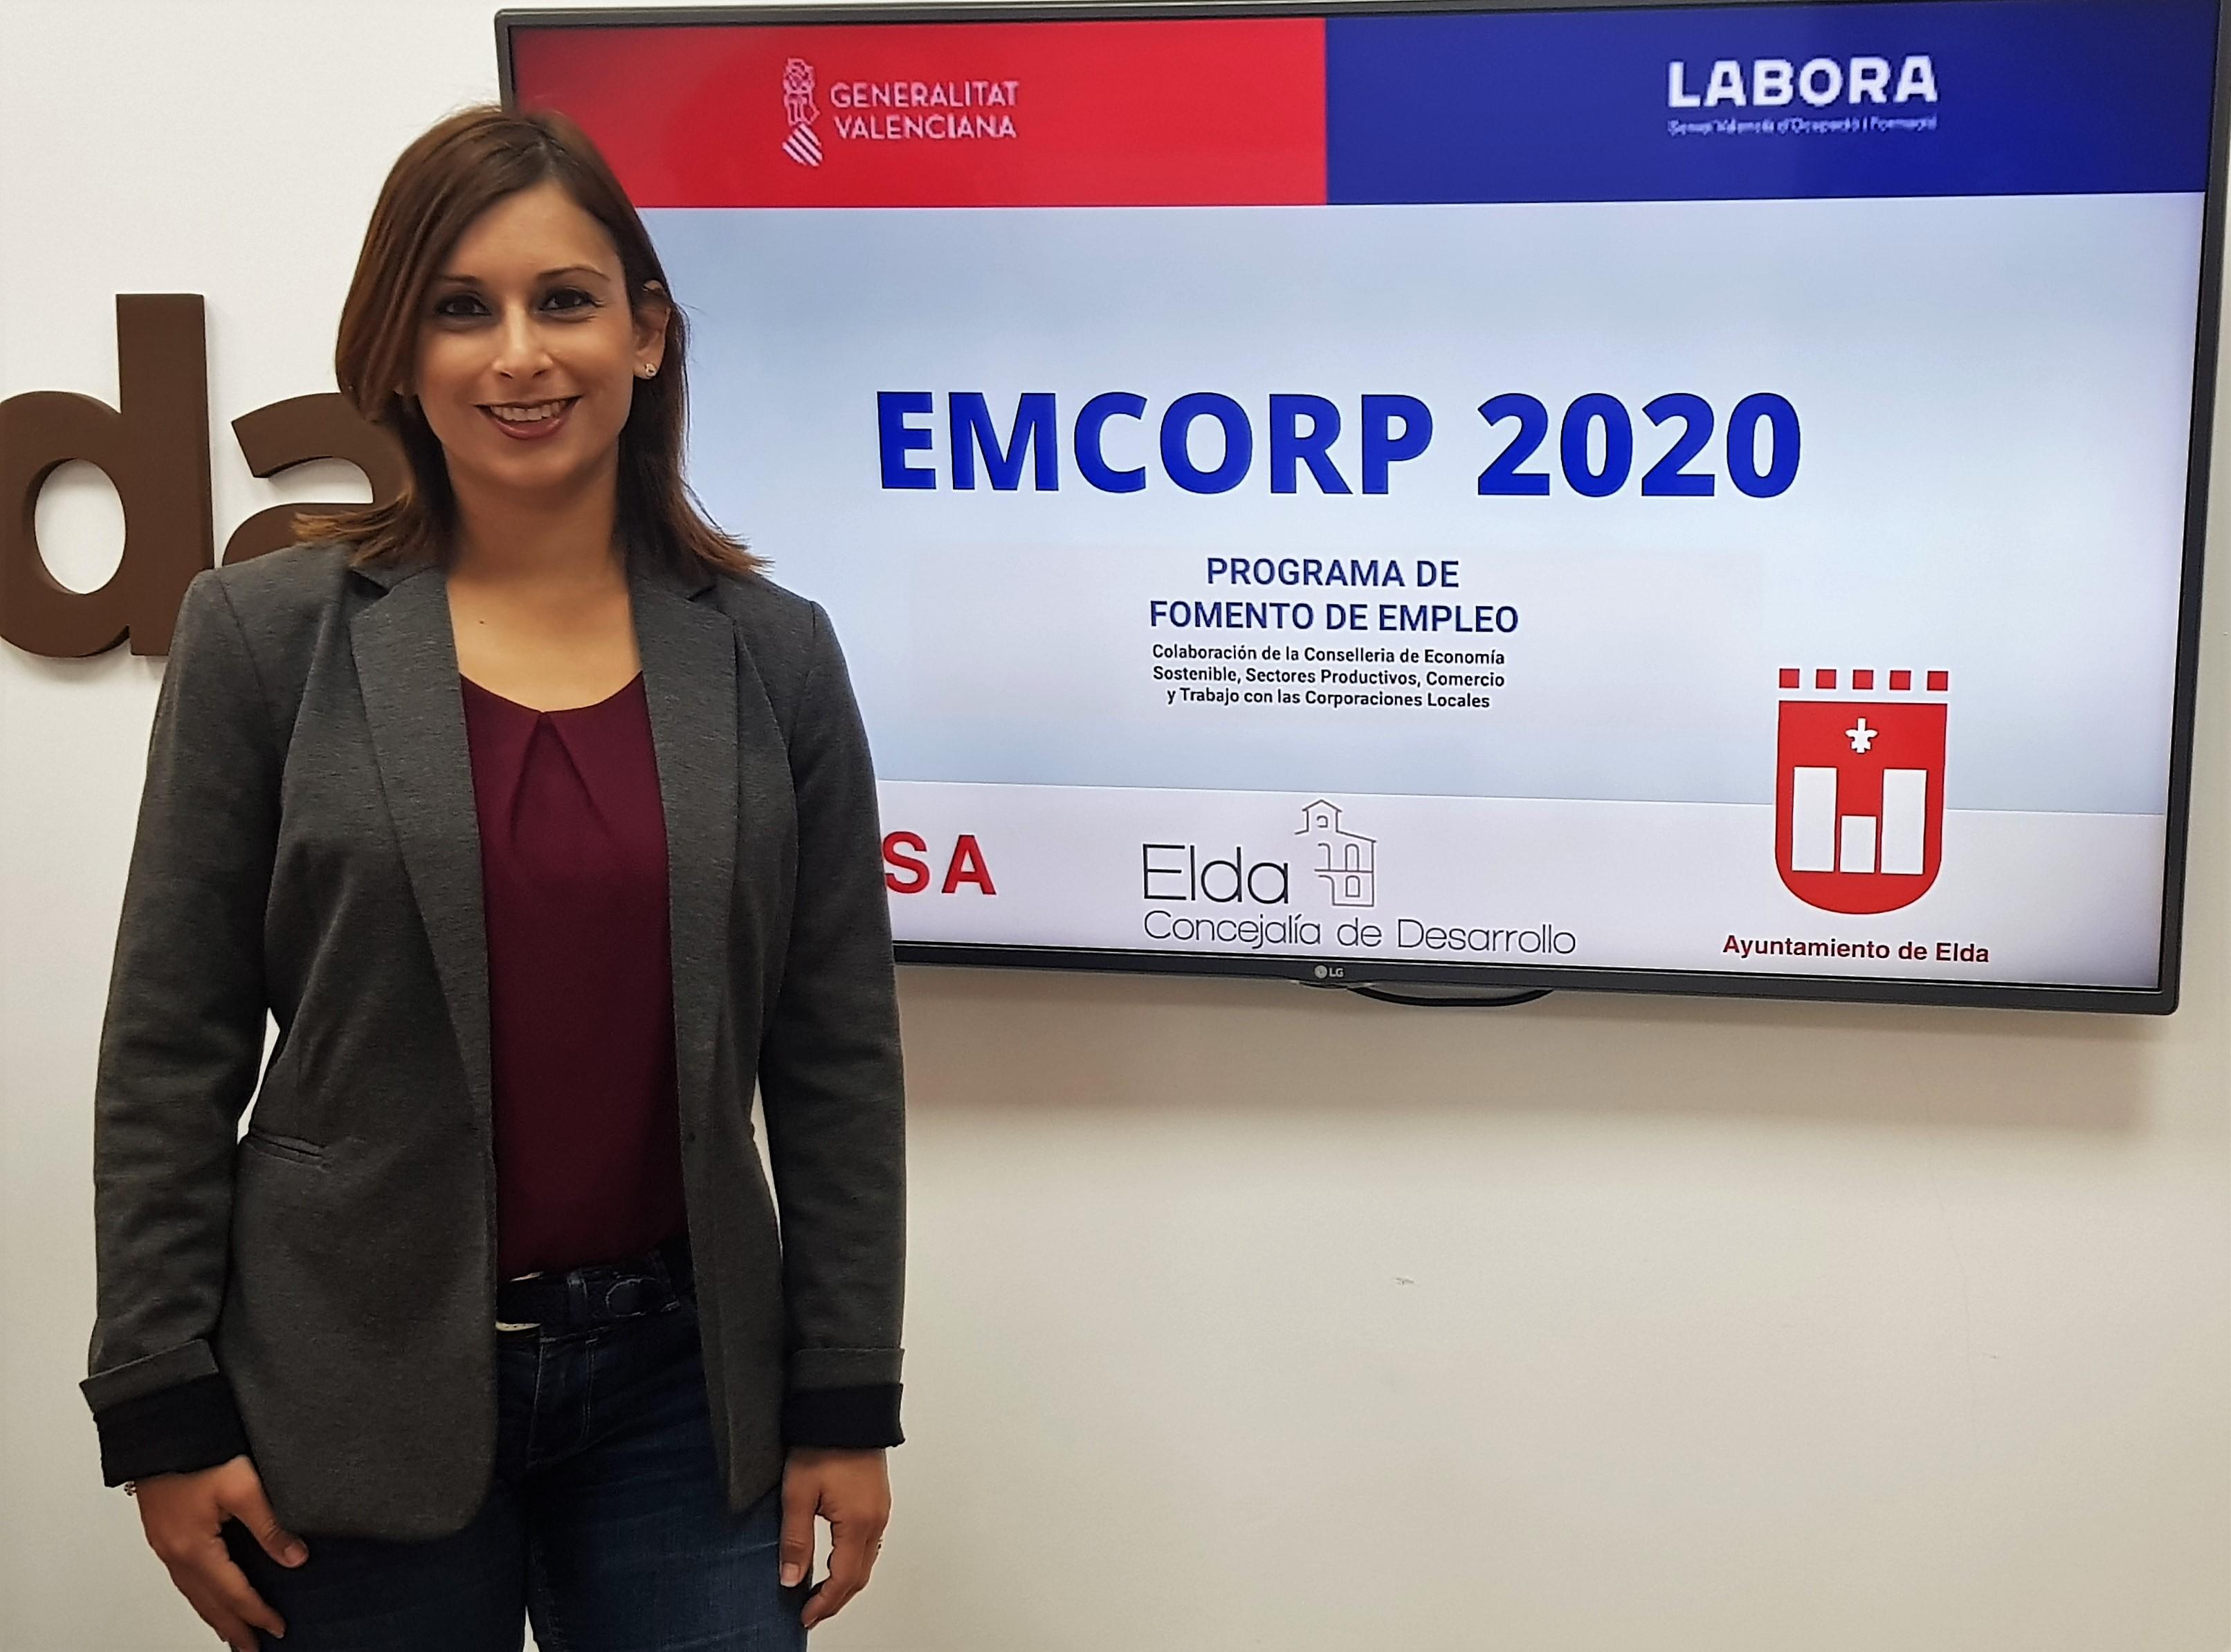 Idelsa solicita fondos del programa EMCORP 2020 para la contratación de parados mayores de 30 años